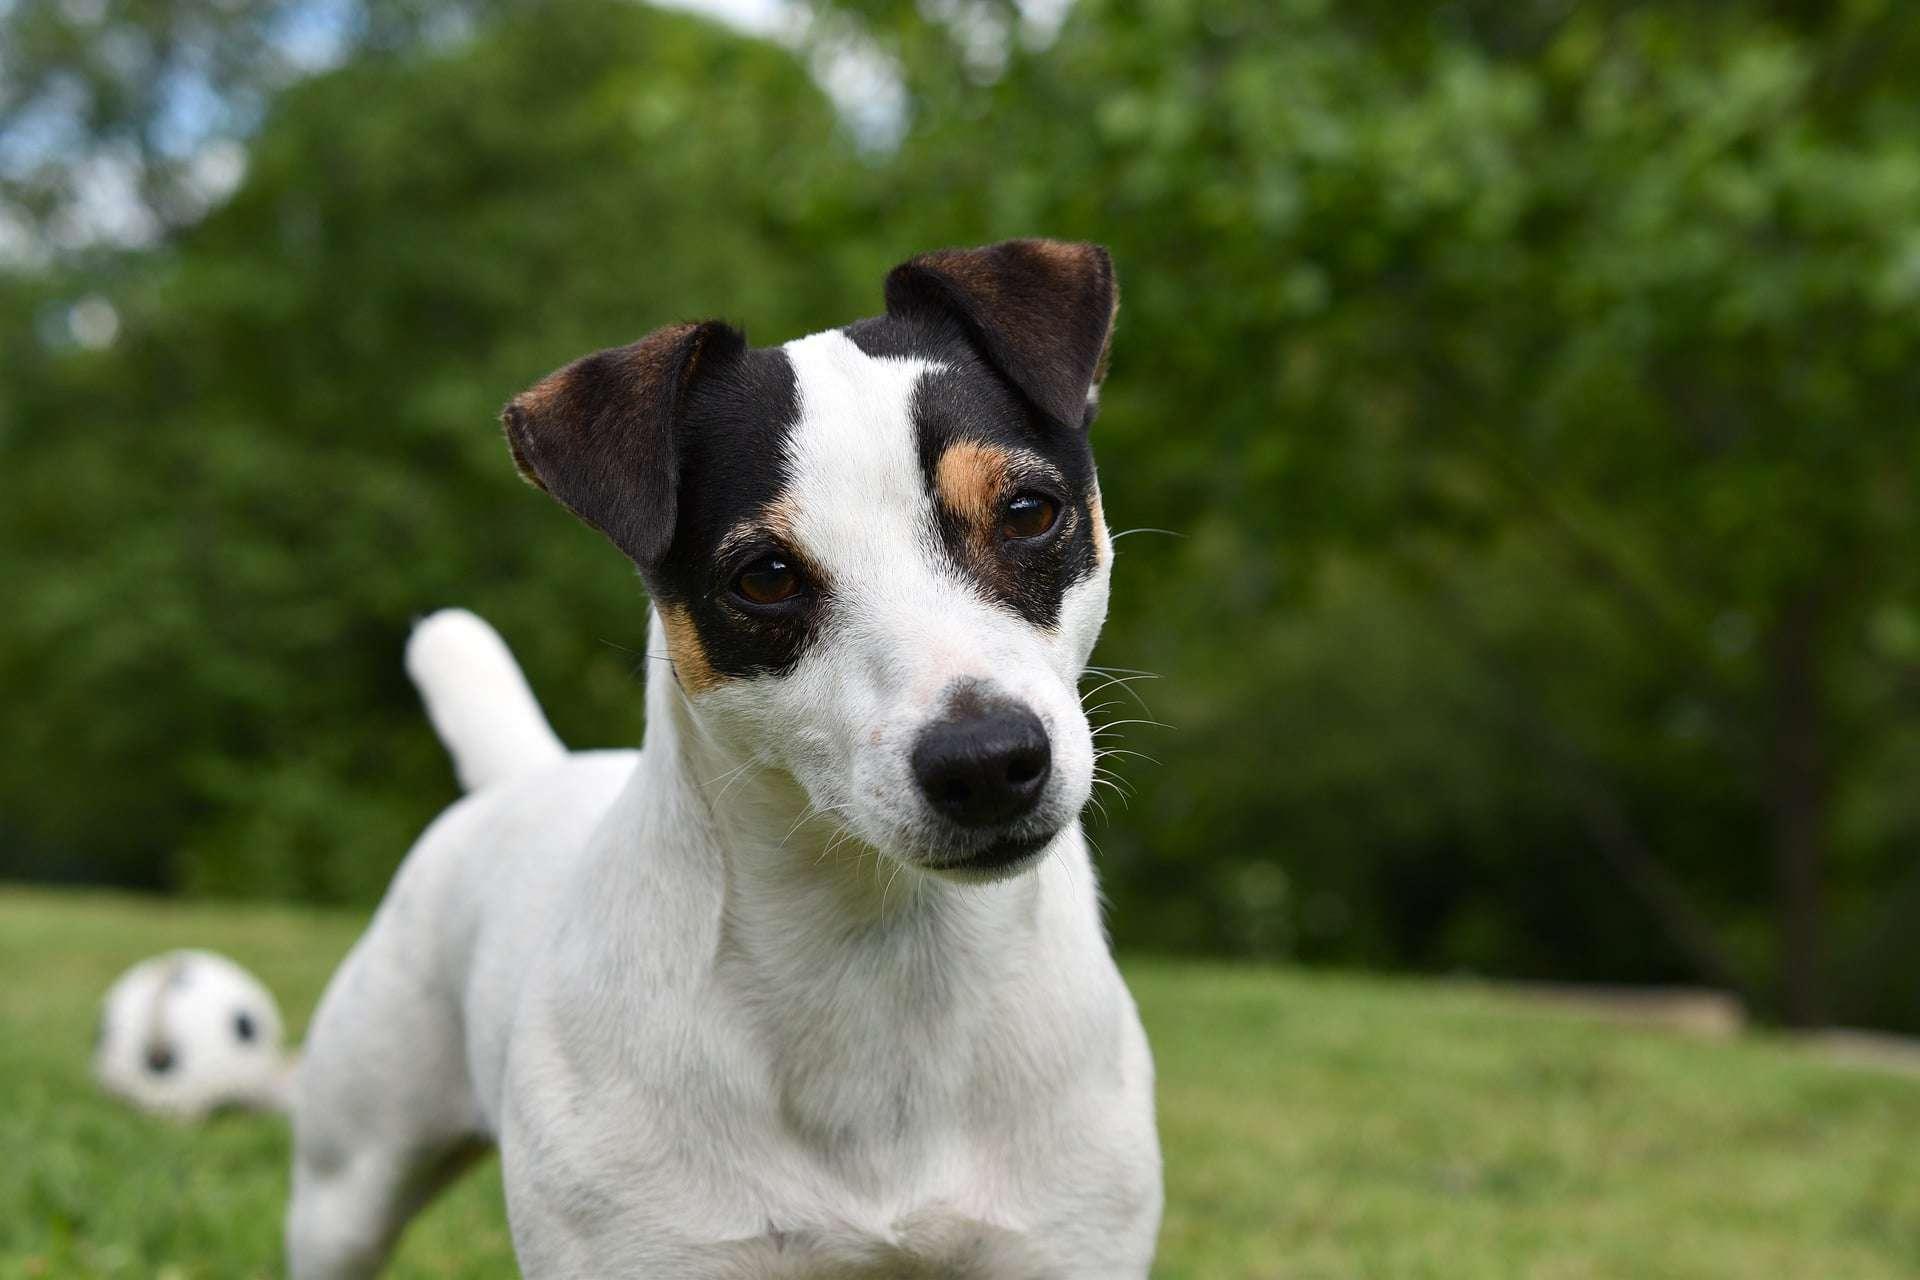 Jack Russel Terrier /pixabay